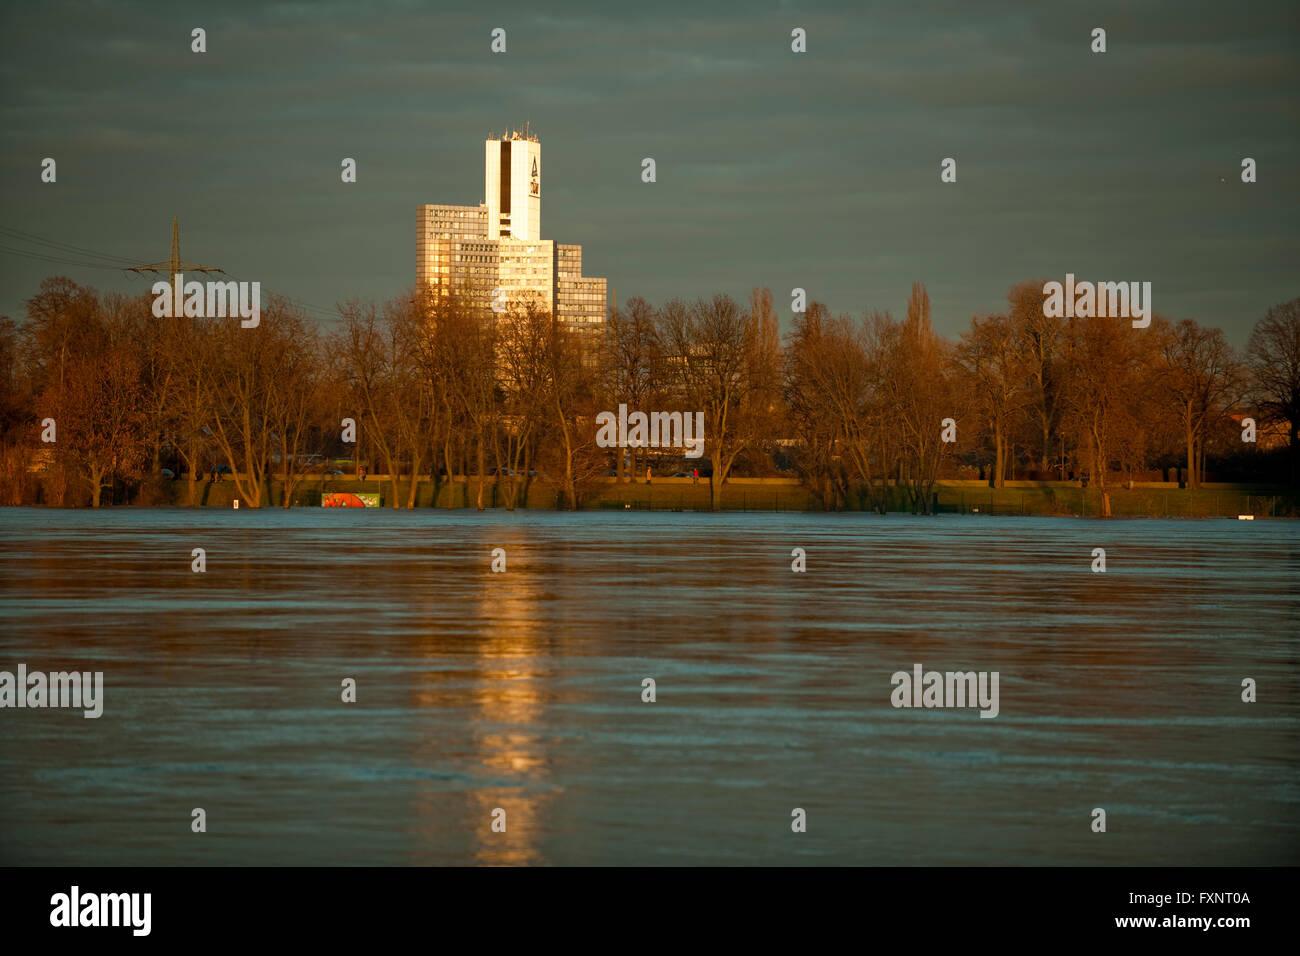 Köln, Blick über den Hochwasser führenden Rhein von Bayenthal zum rechtsrheinischen Stadtteil Poll - Stock Image